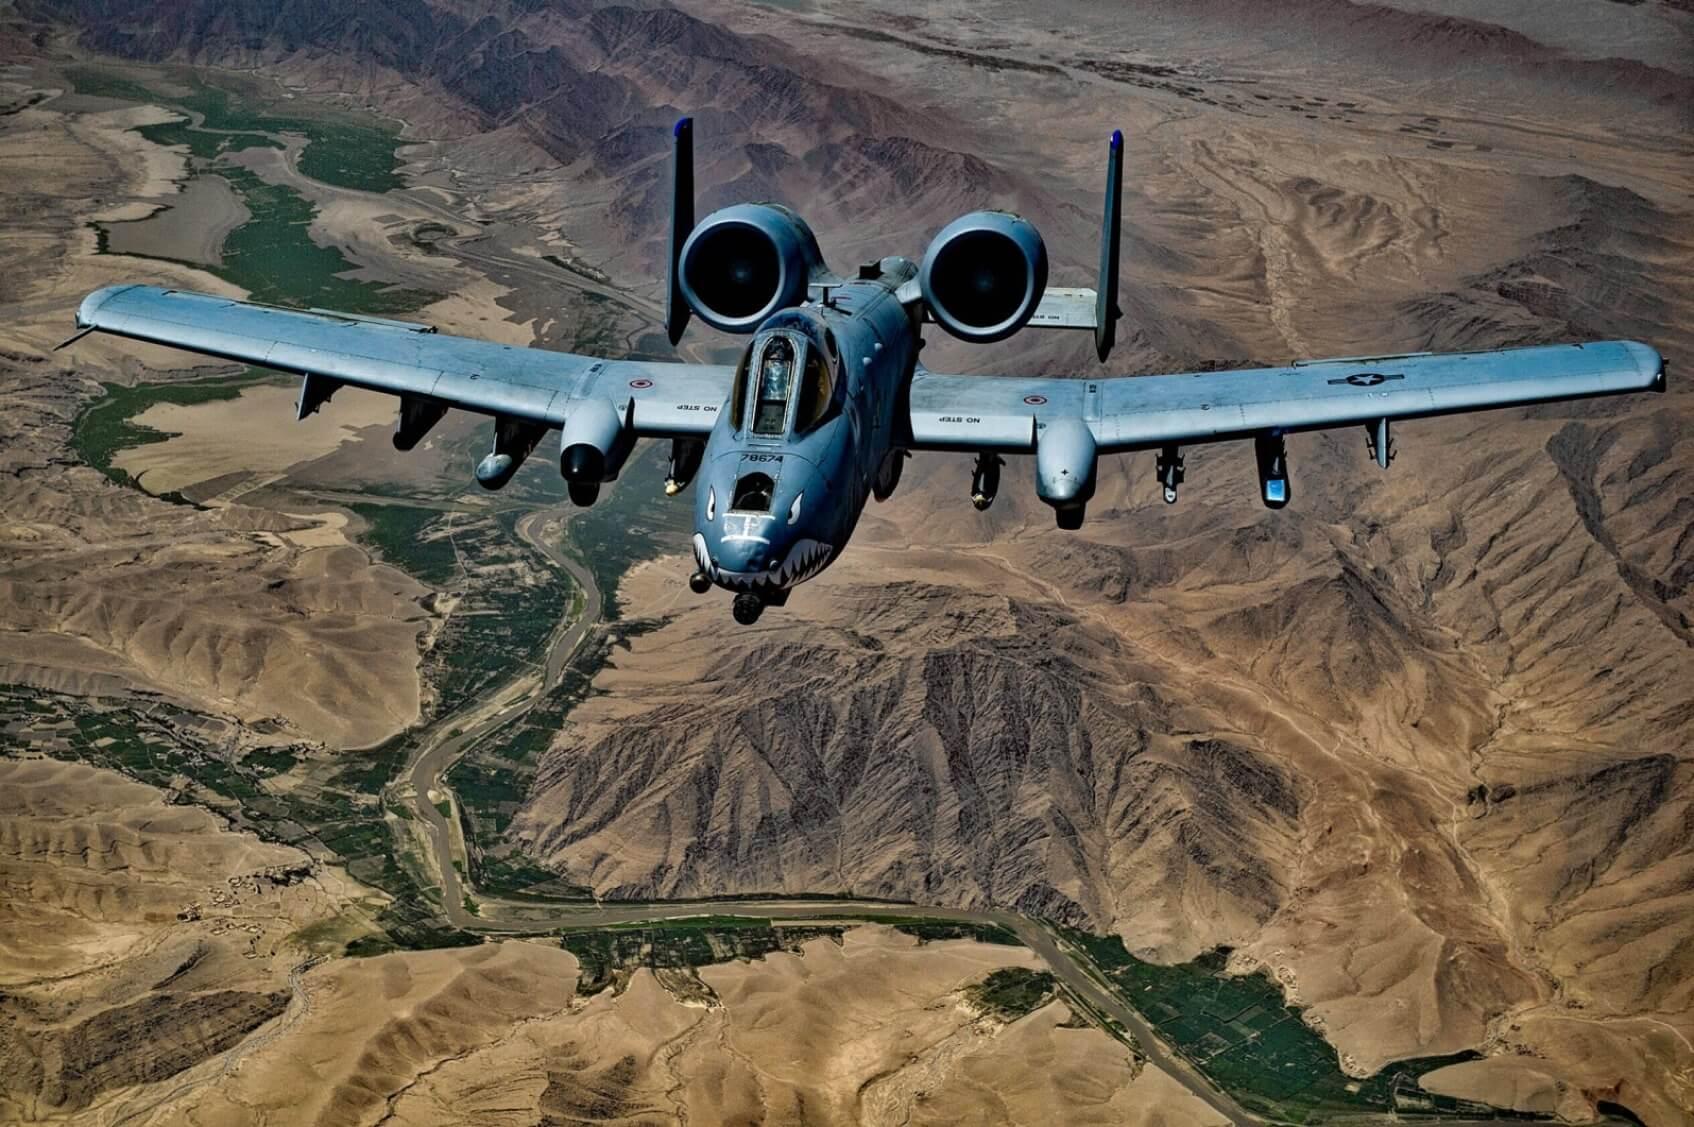 A-10 Thunderbolt - Original image